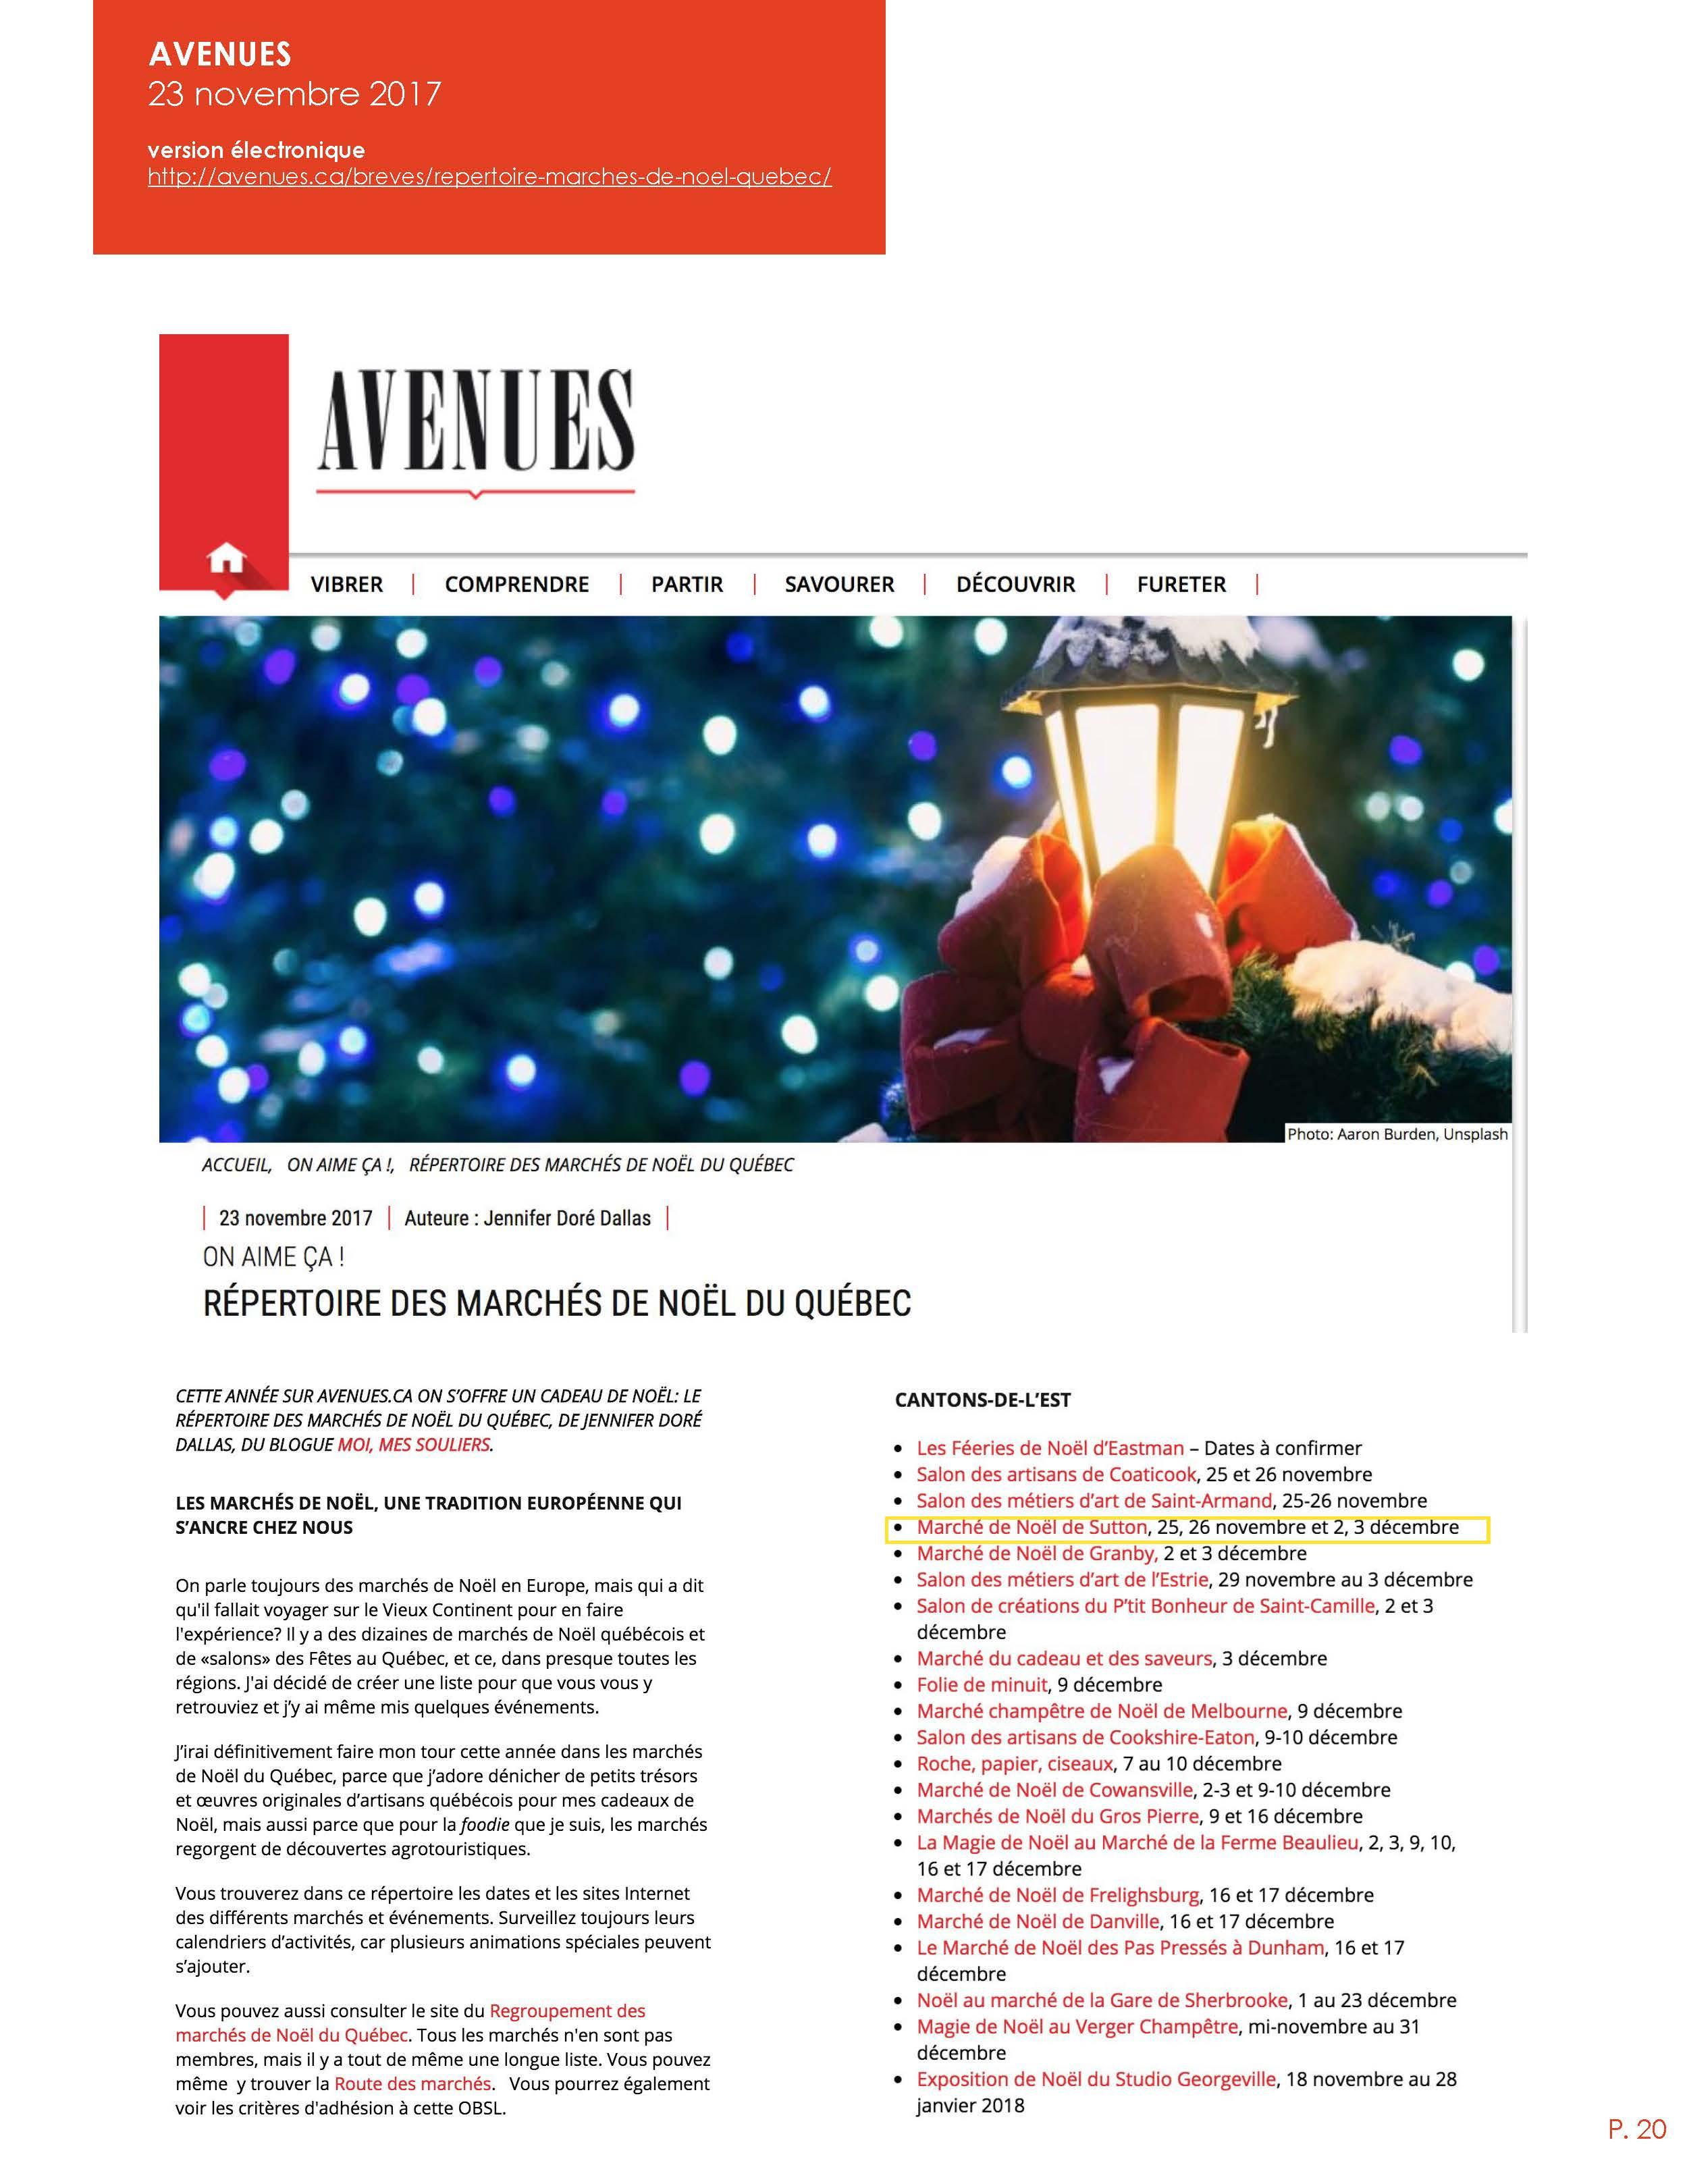 Revue de presse - MARCHÉ DE NOËL SUTTON 2017_Page_20.jpg